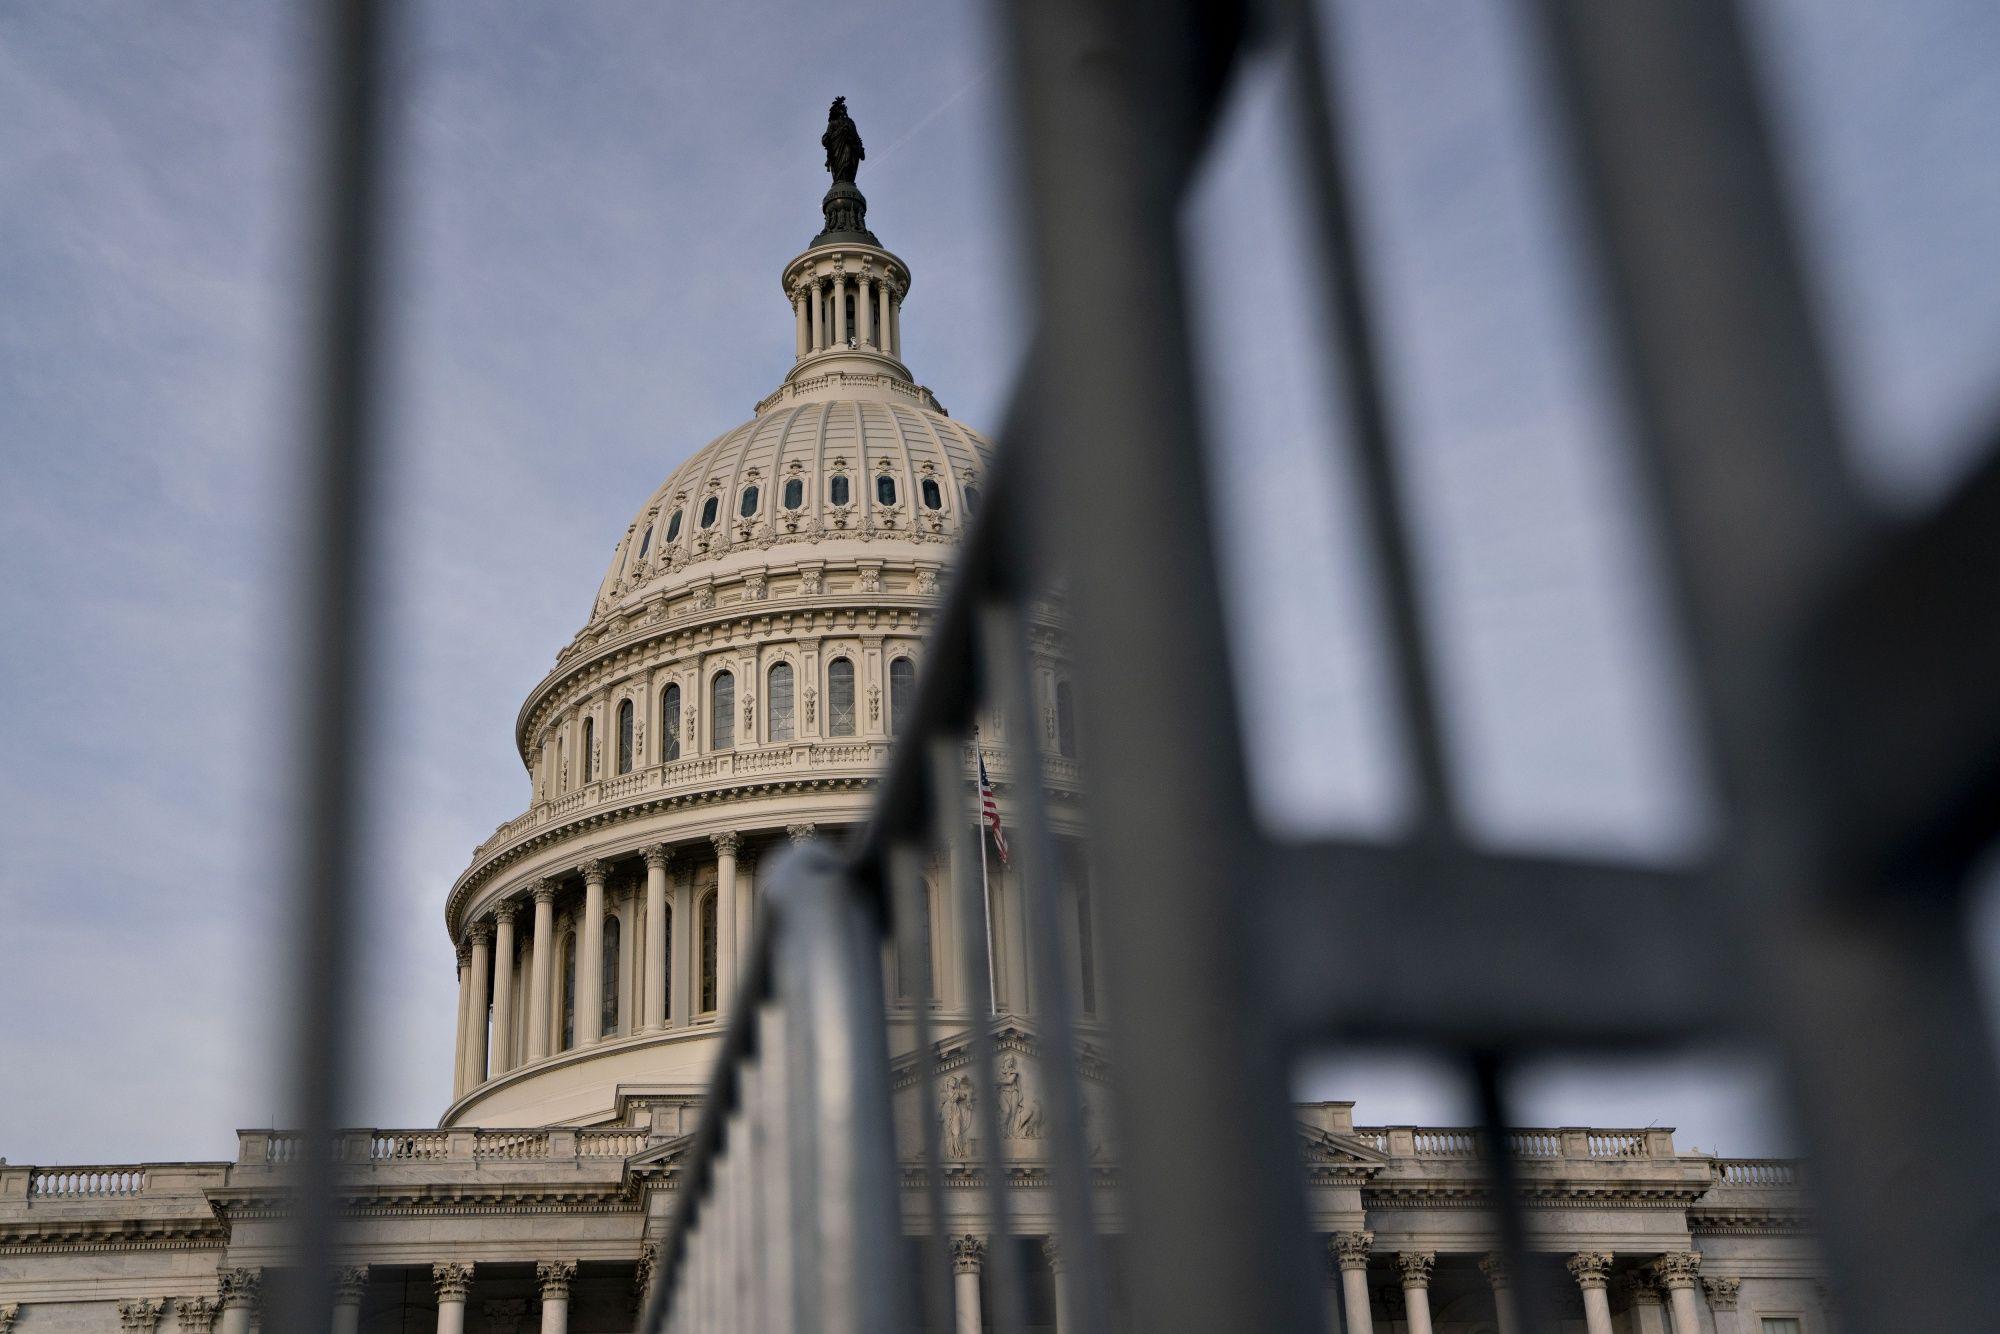 Senate Readies War Powers Bill to Limit Trump's Iran Options